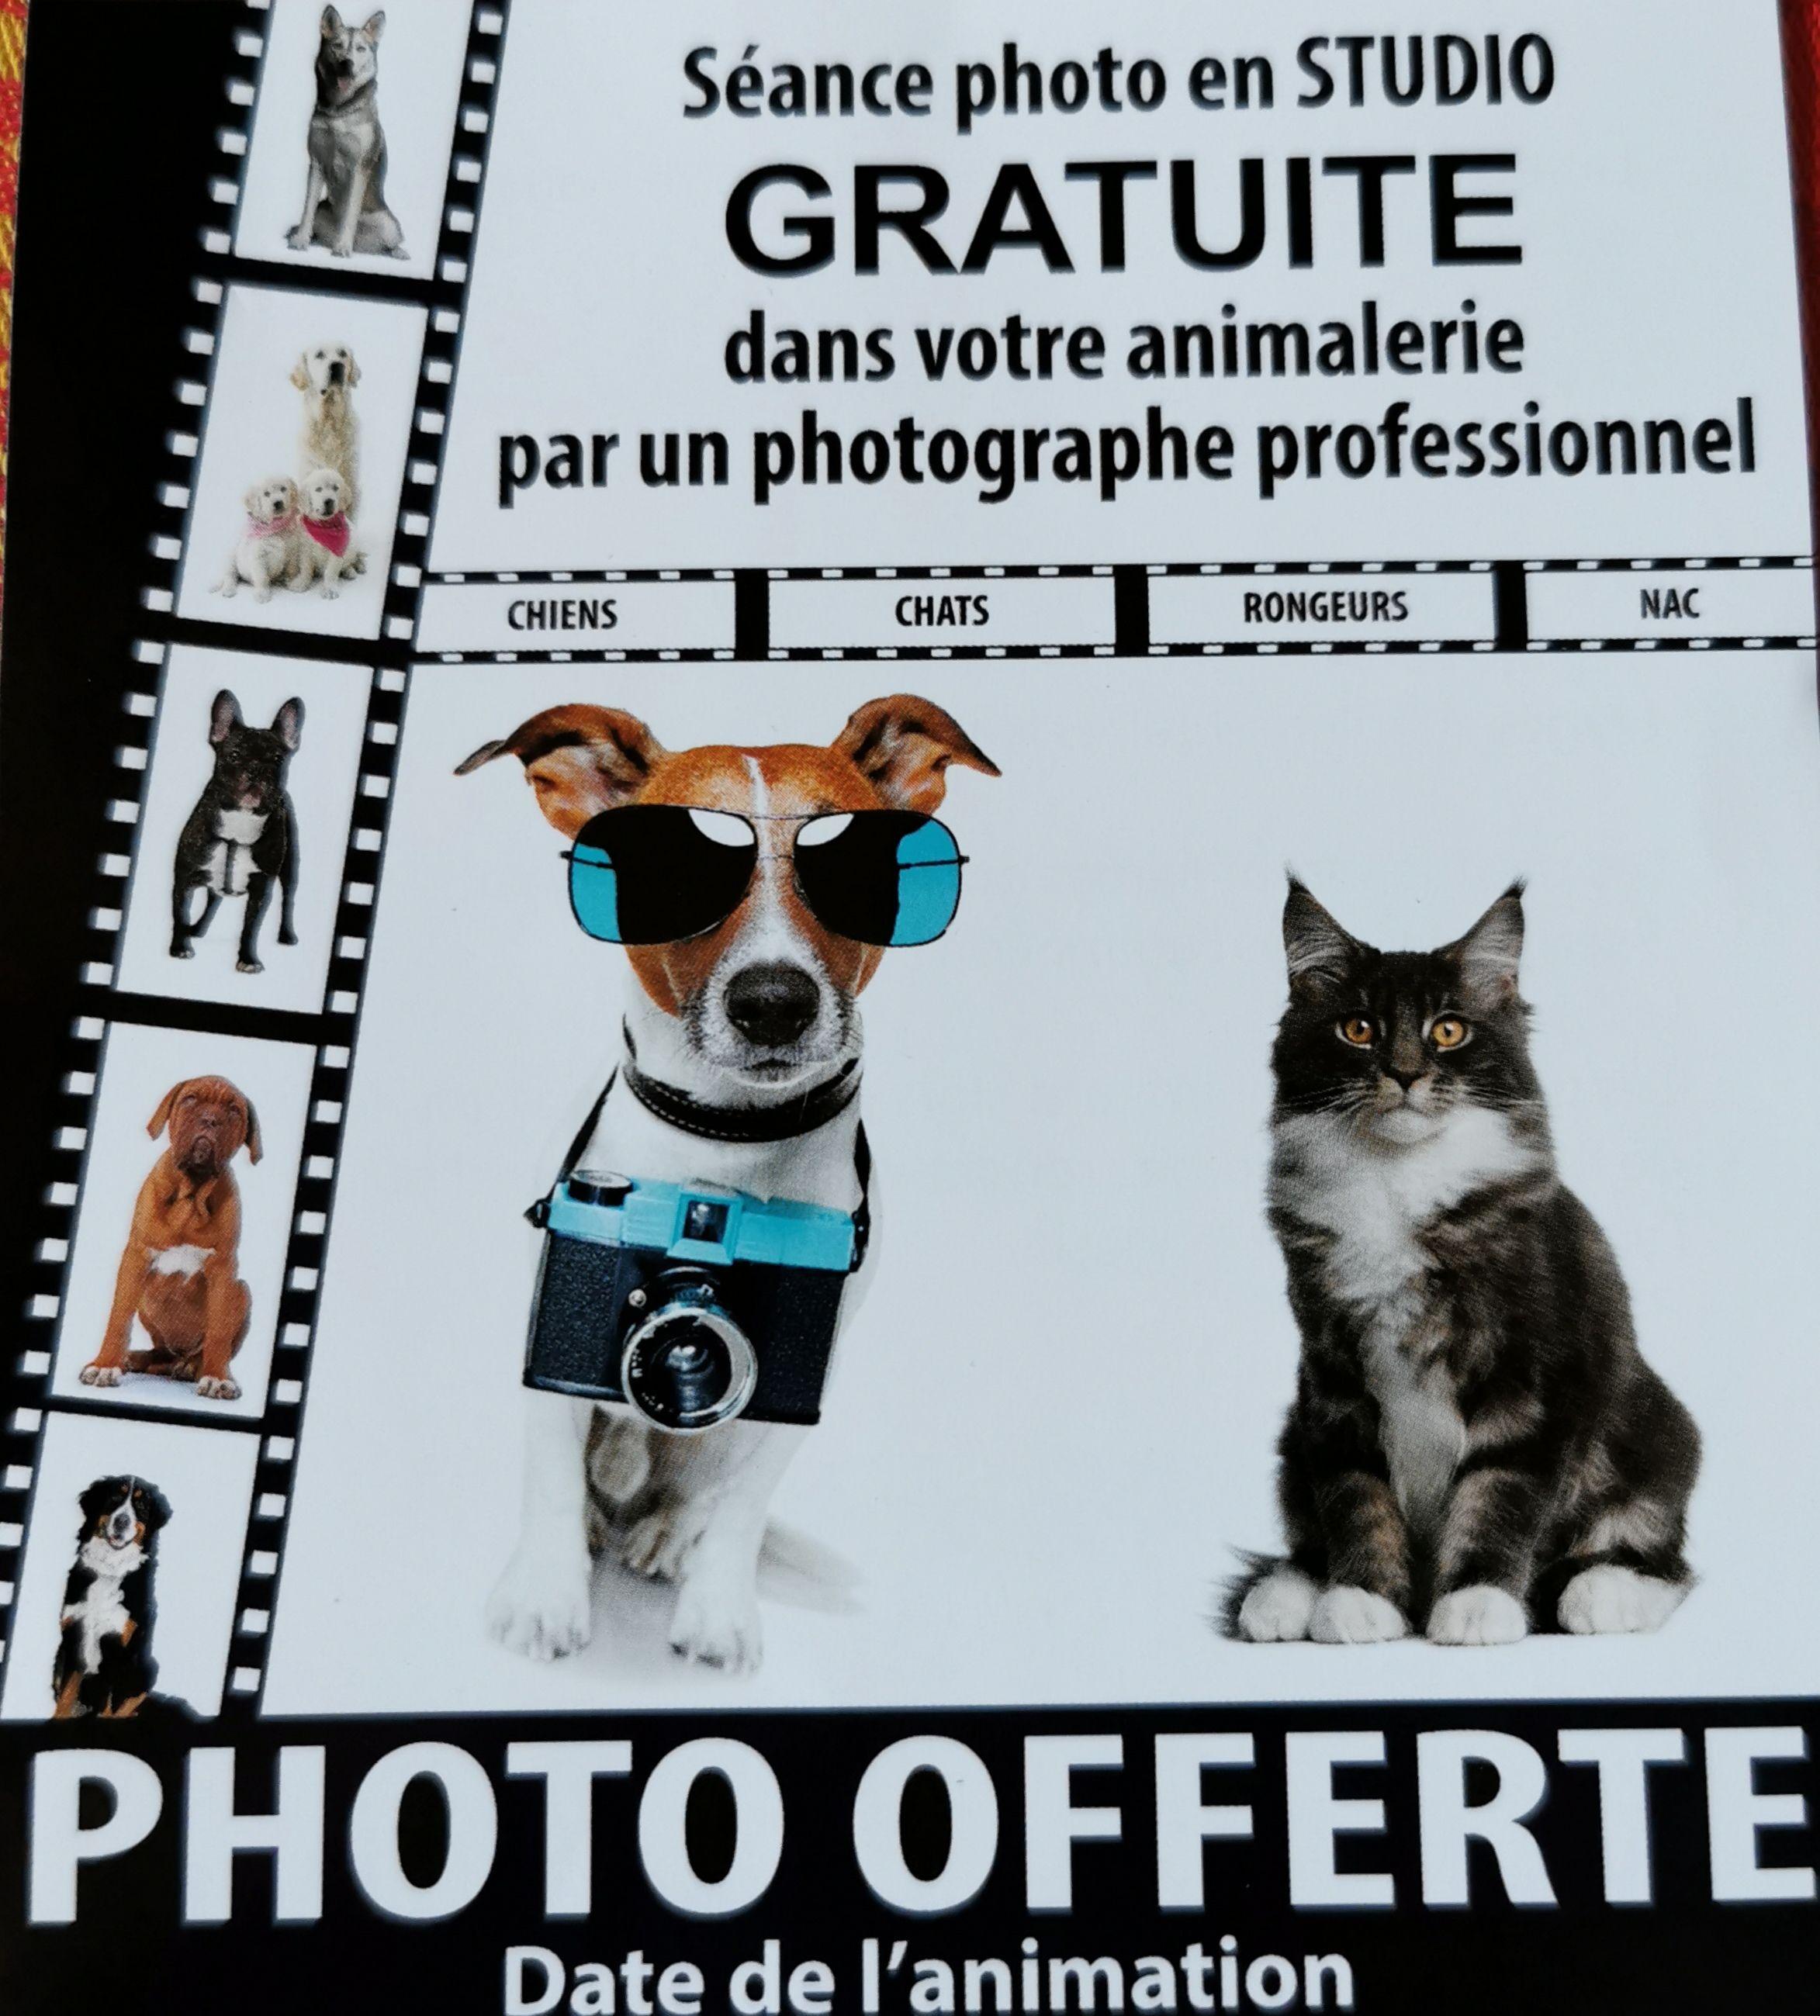 Séance photo gratuite pour vos animaux - Quimperlé (29)